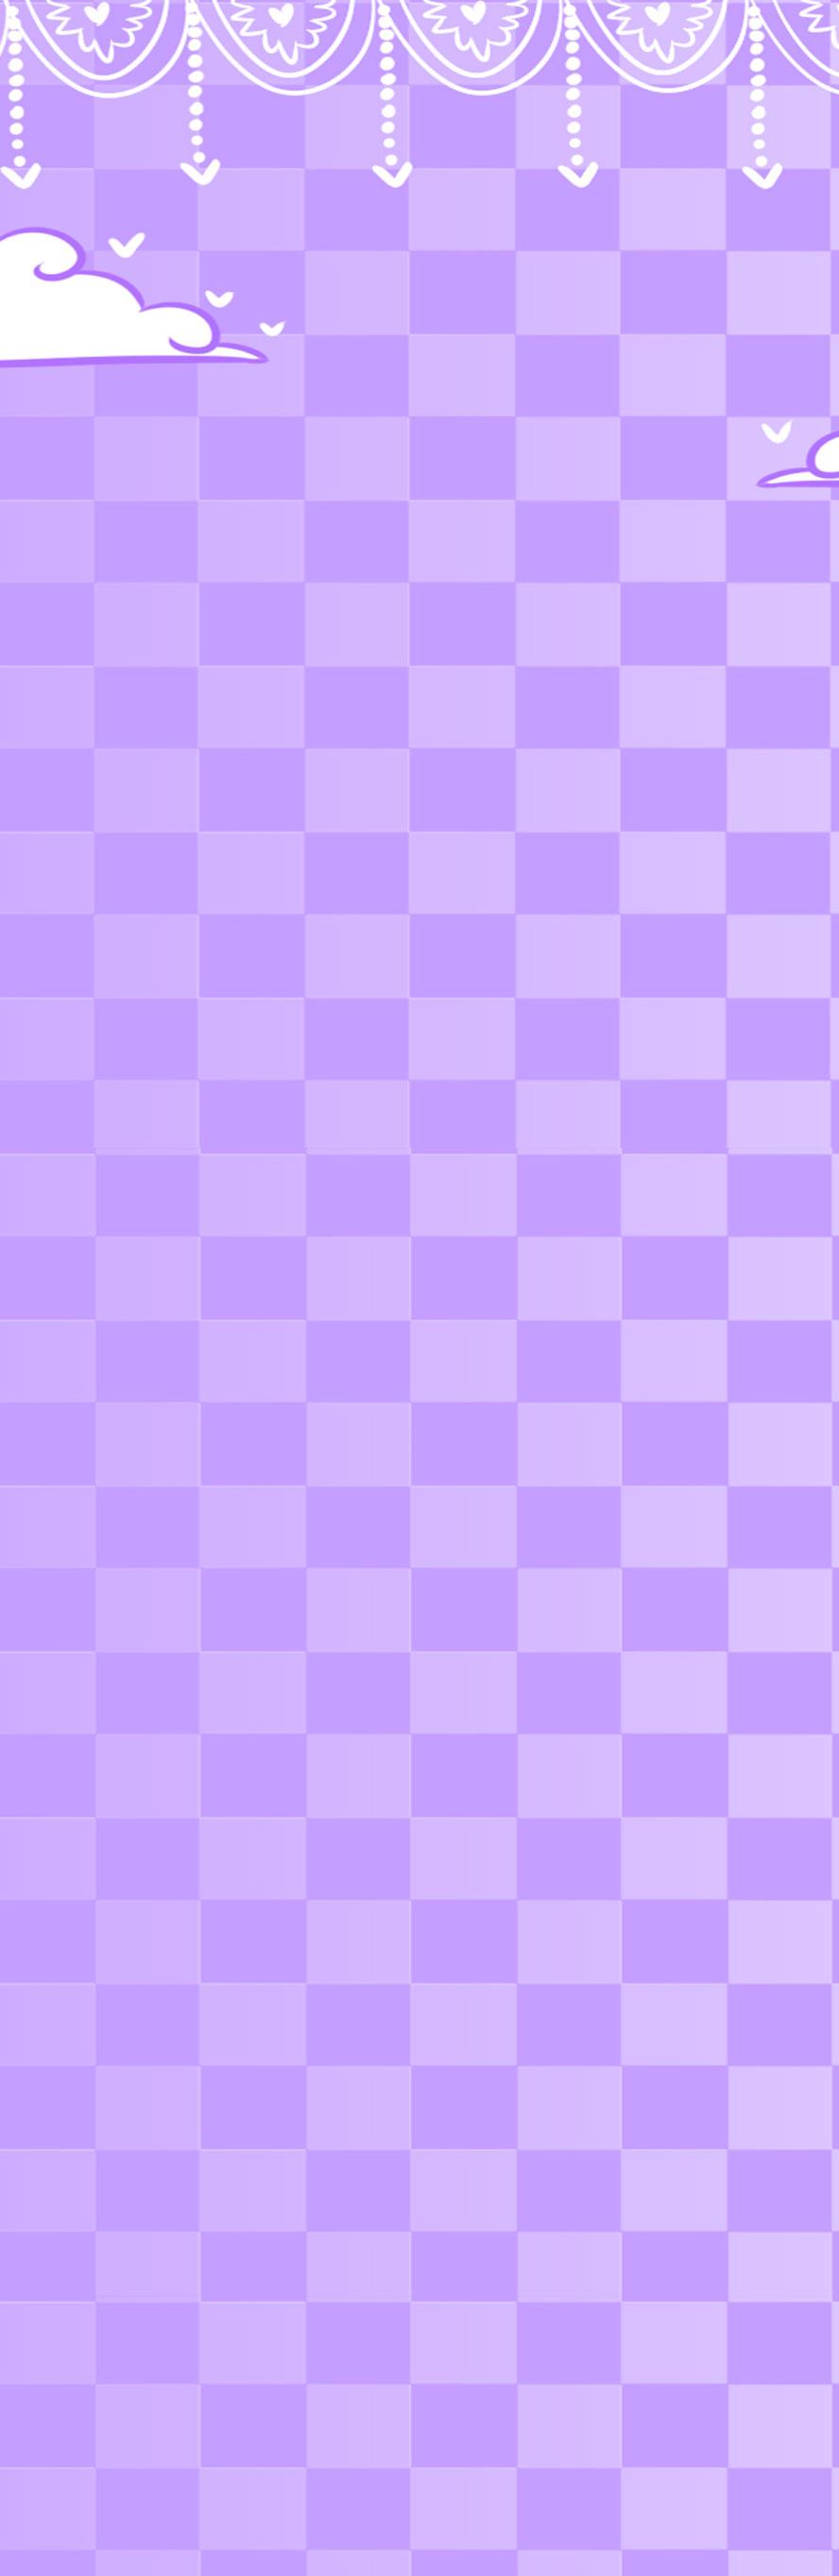 custom background (1) by MiyoKitten